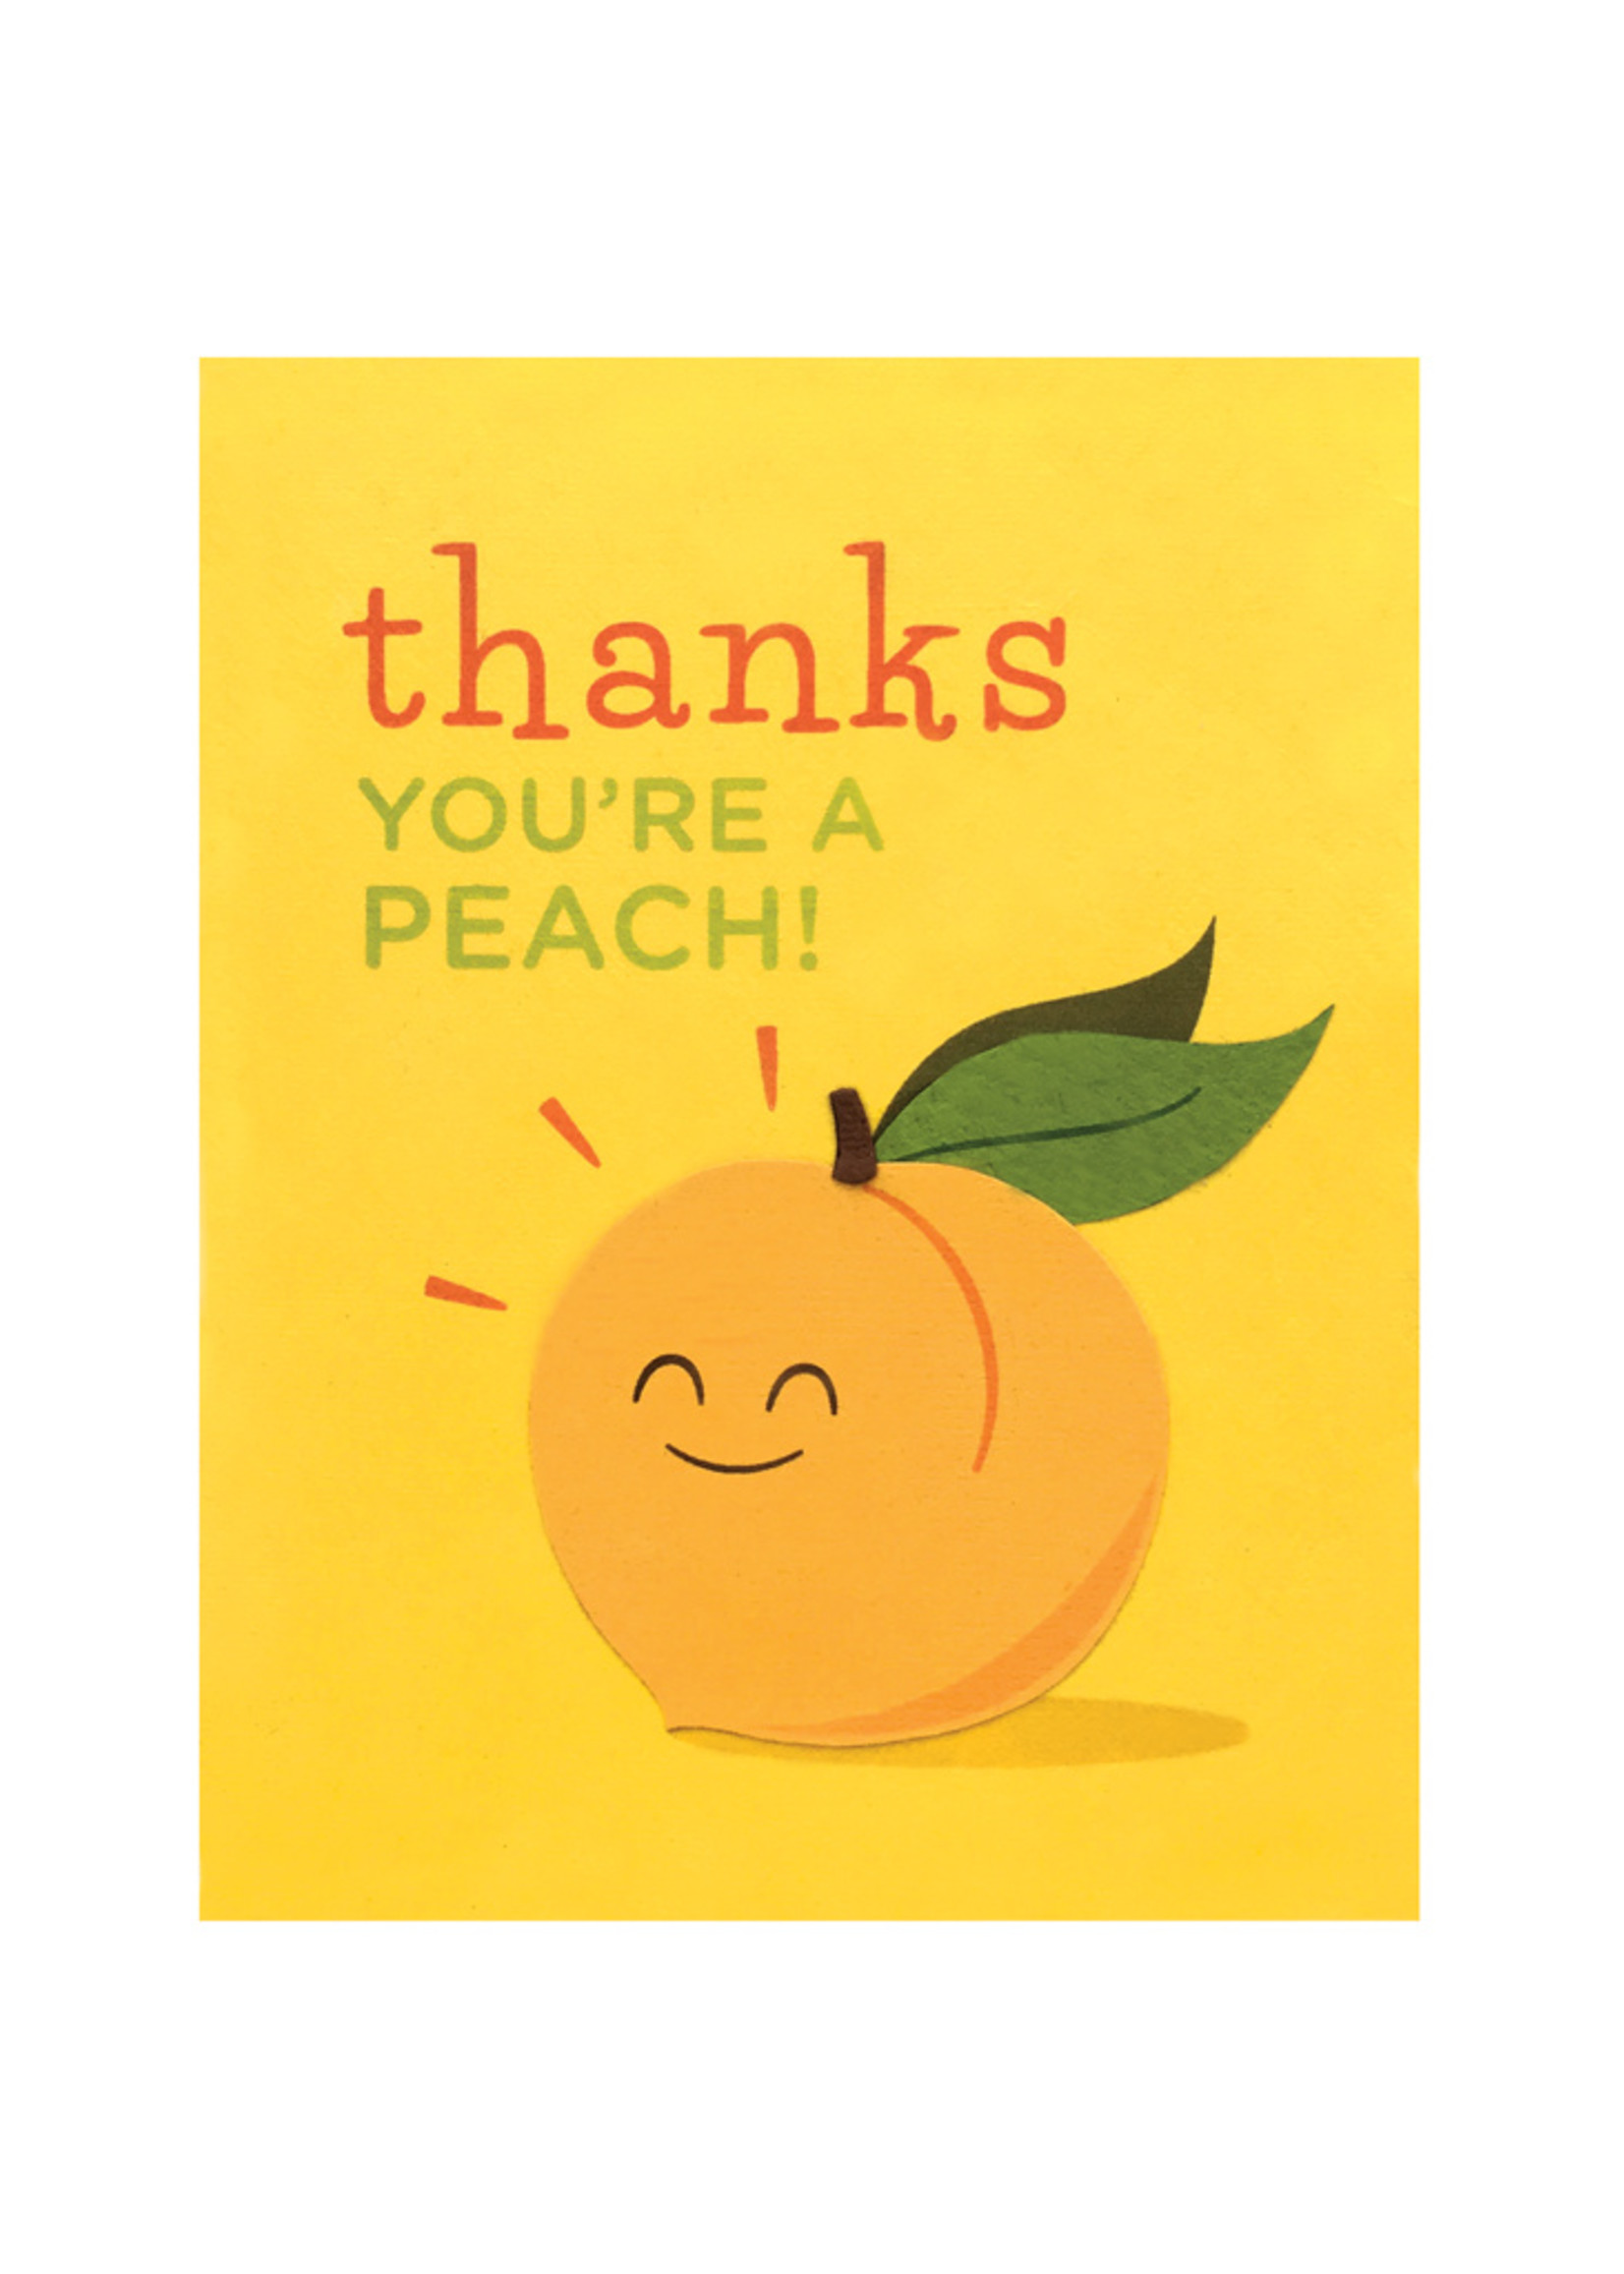 Good Paper Thanks You're A Peach Card